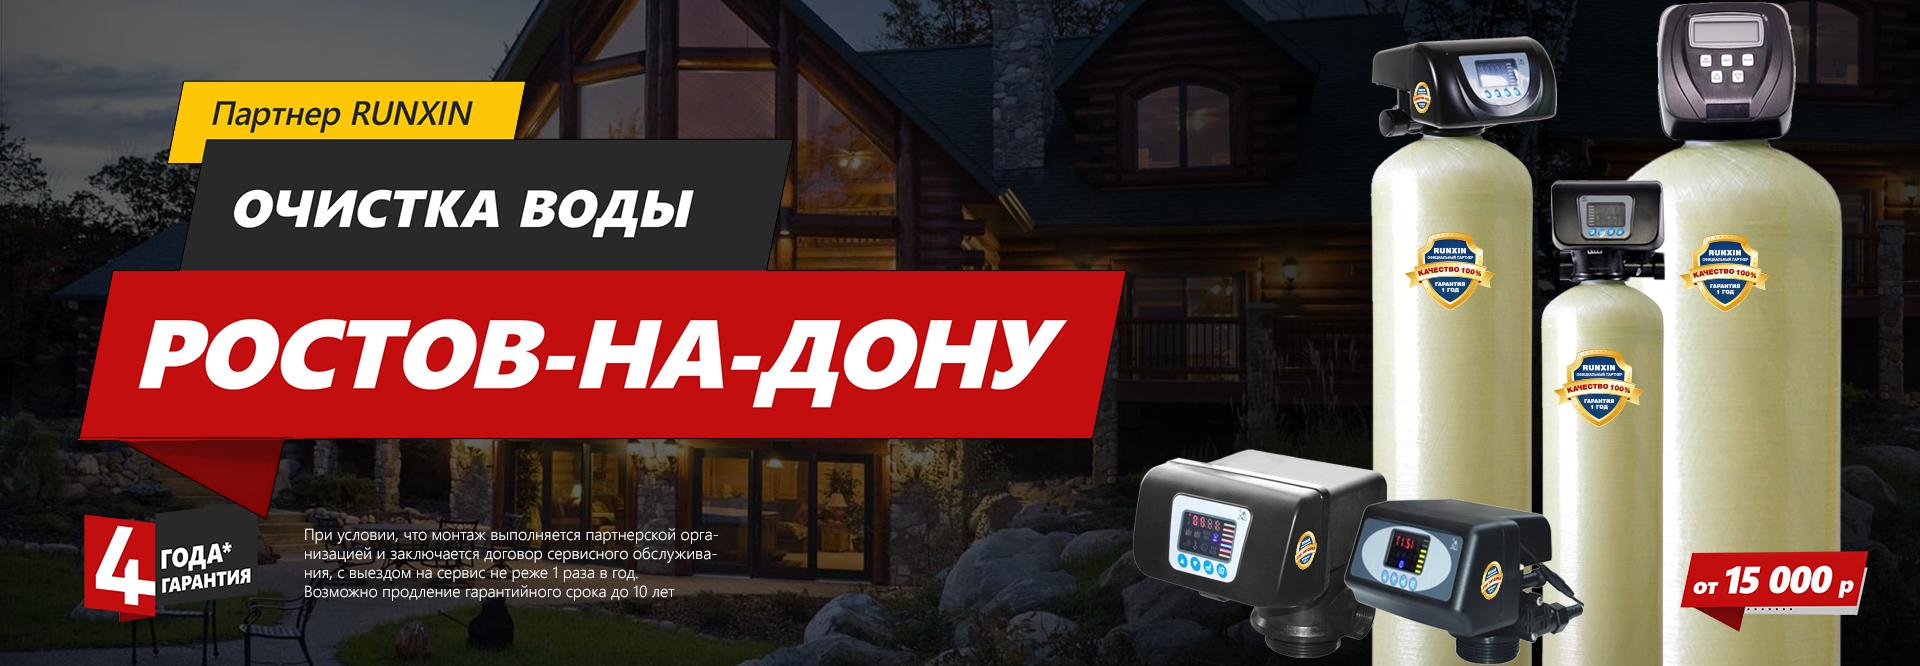 Очистка воды Ростов-на-Дону